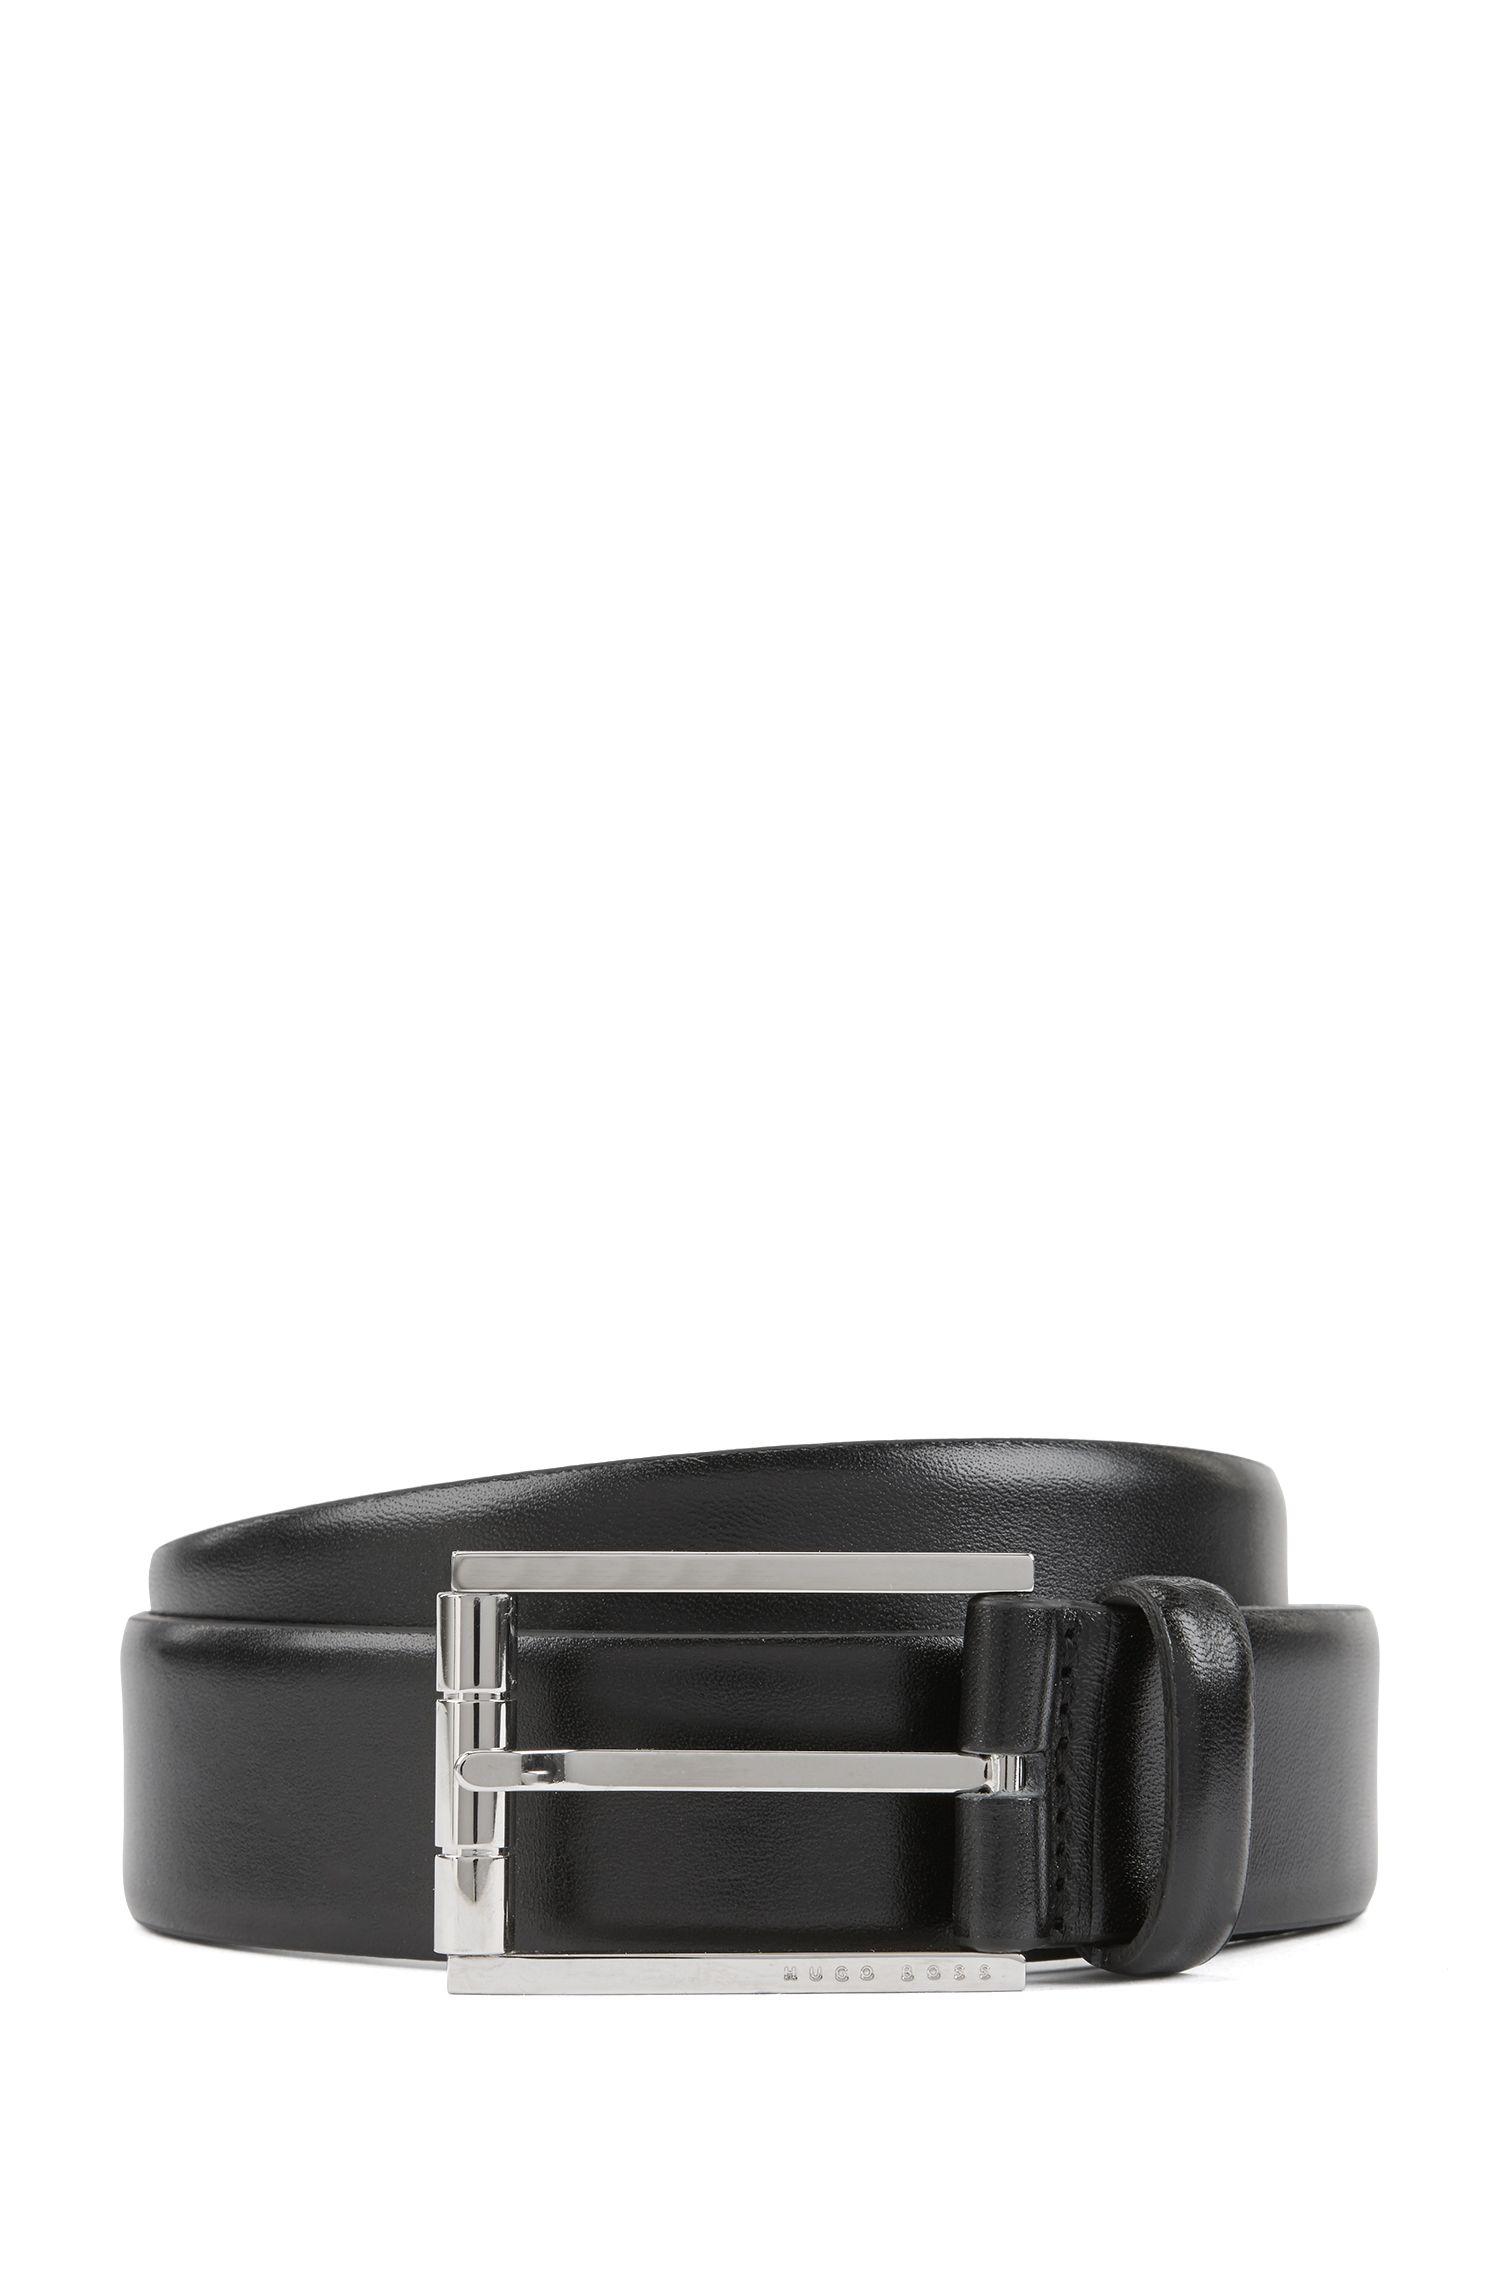 Cinturón de piel italiana con hebilla corredera pulida, Negro